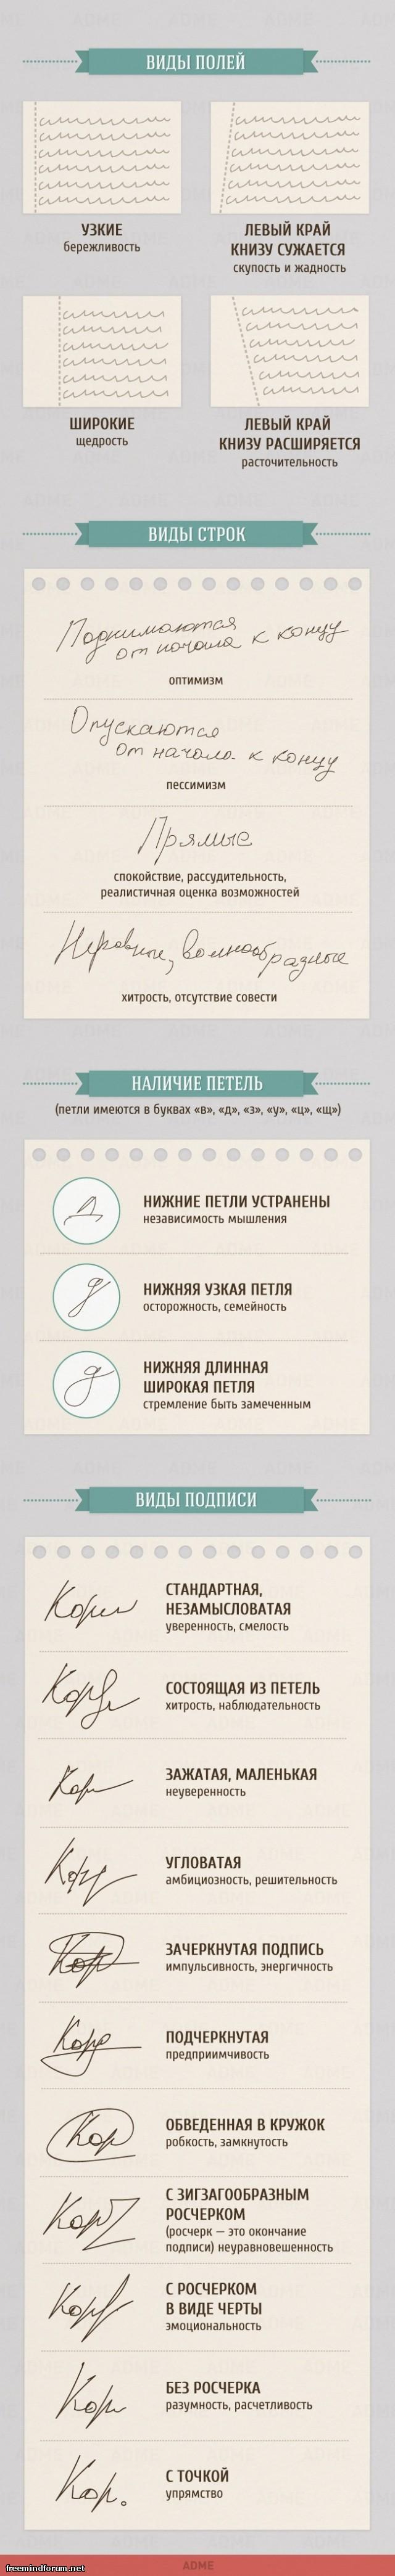 http://i2.imageban.ru/out/2015/10/18/f361607c59c7a003ee64b649290b3777.jpg